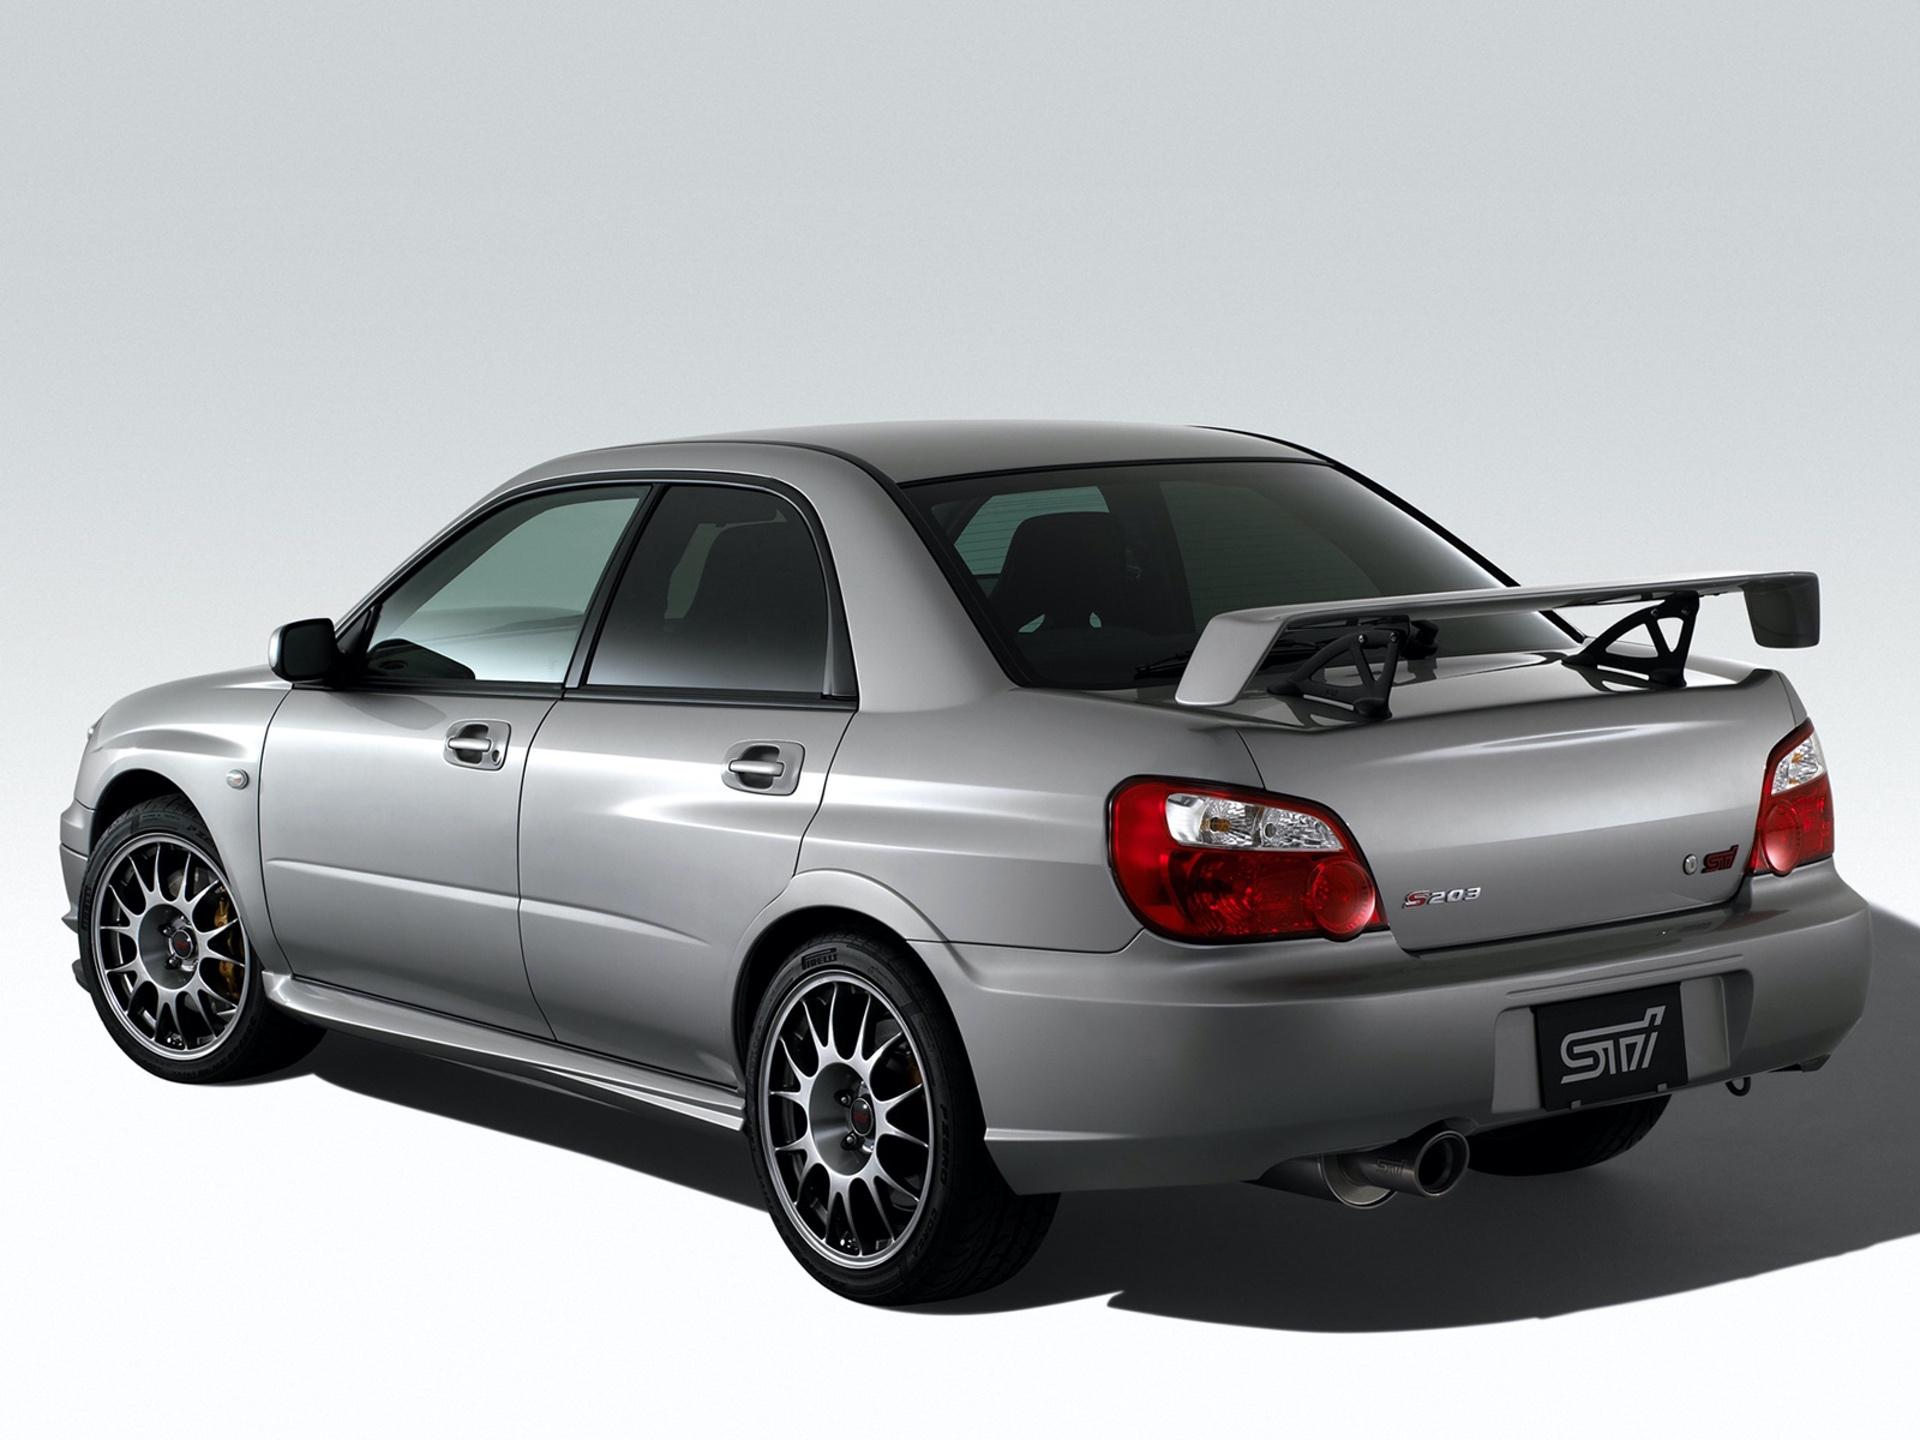 Subaru_Impreza_STI_S203_0002